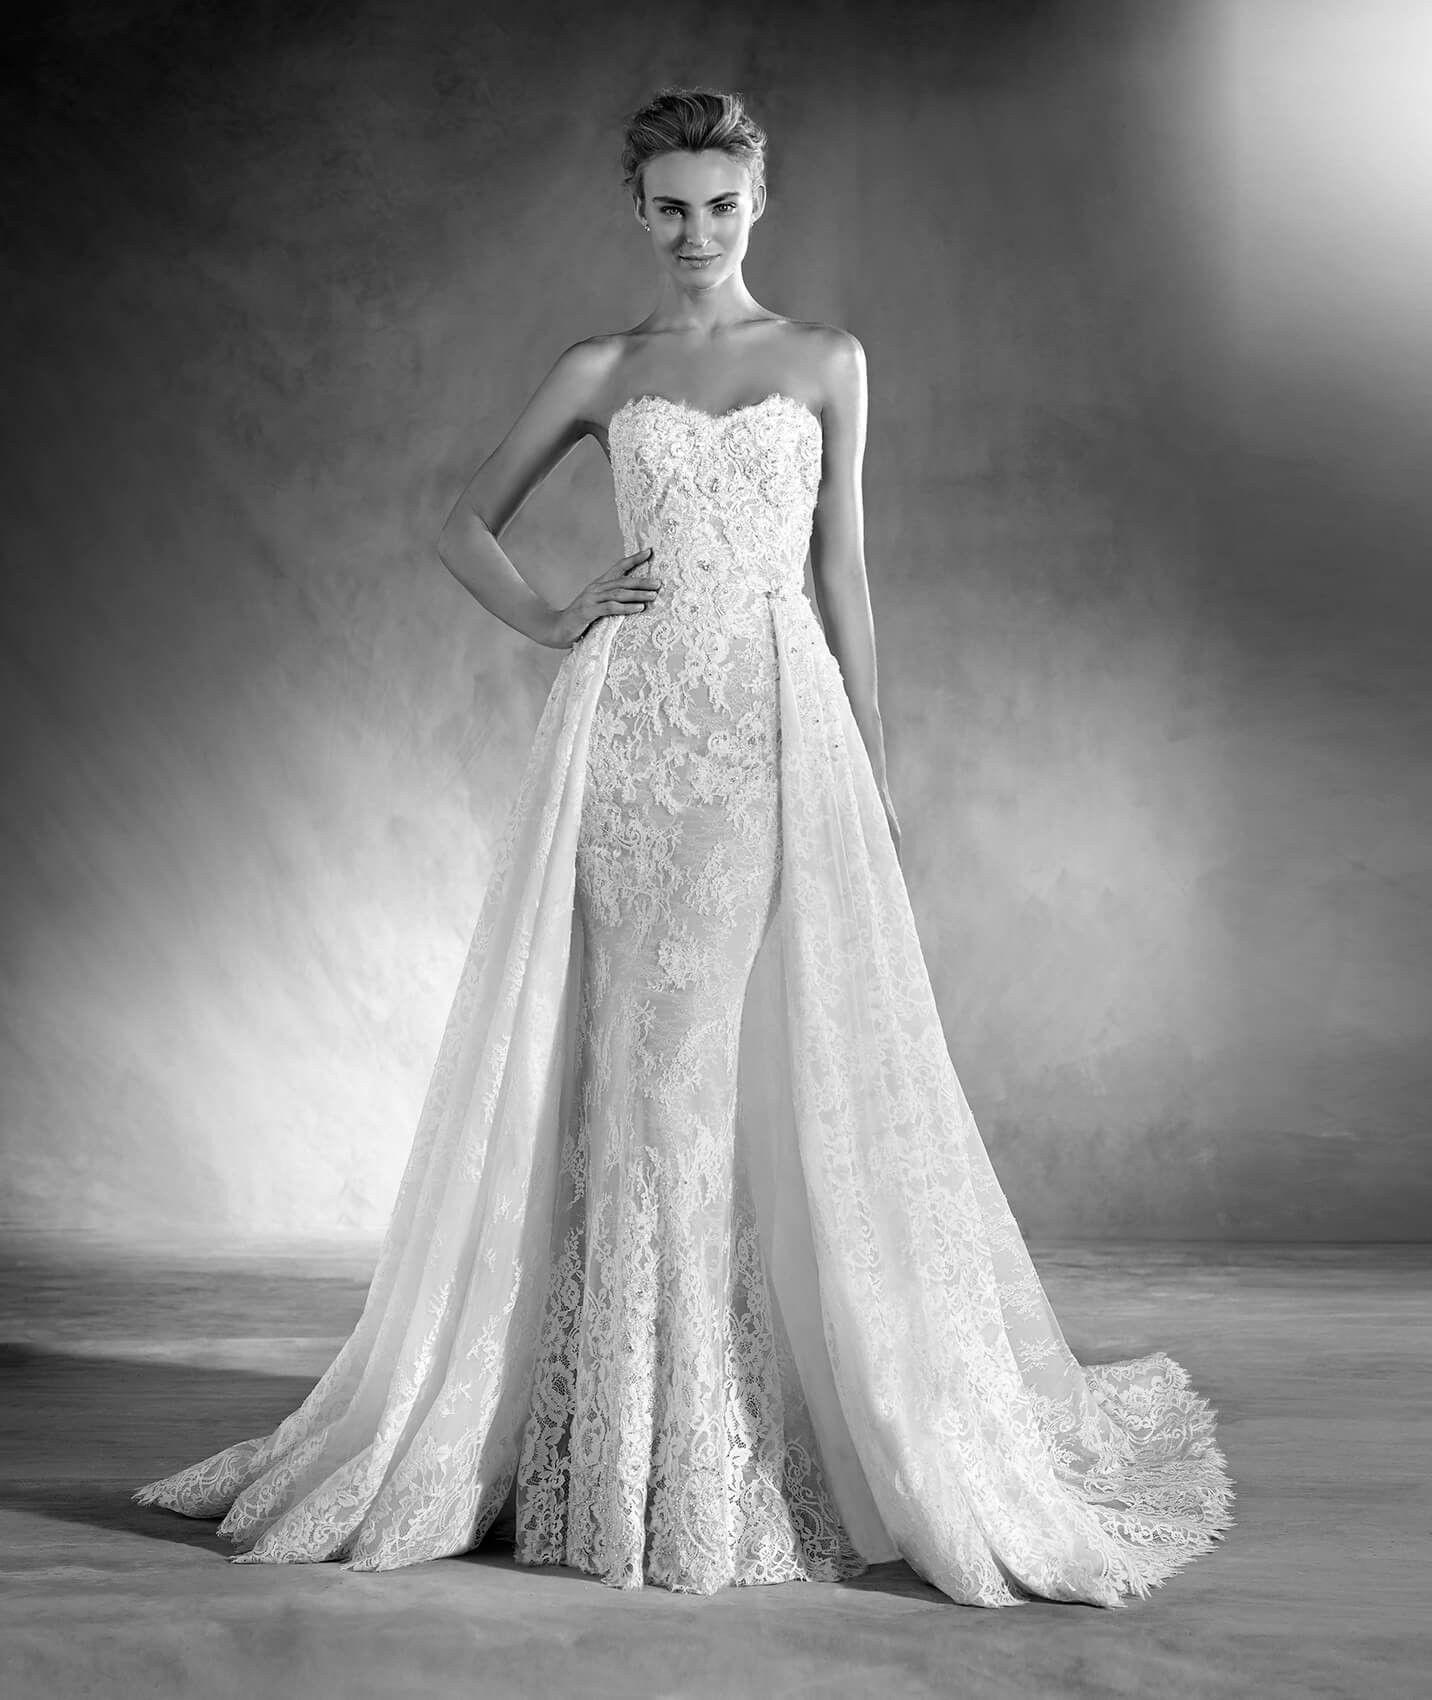 Edith - Brautkleid mit herzförmigem Dekolleté | Married | Pinterest ...